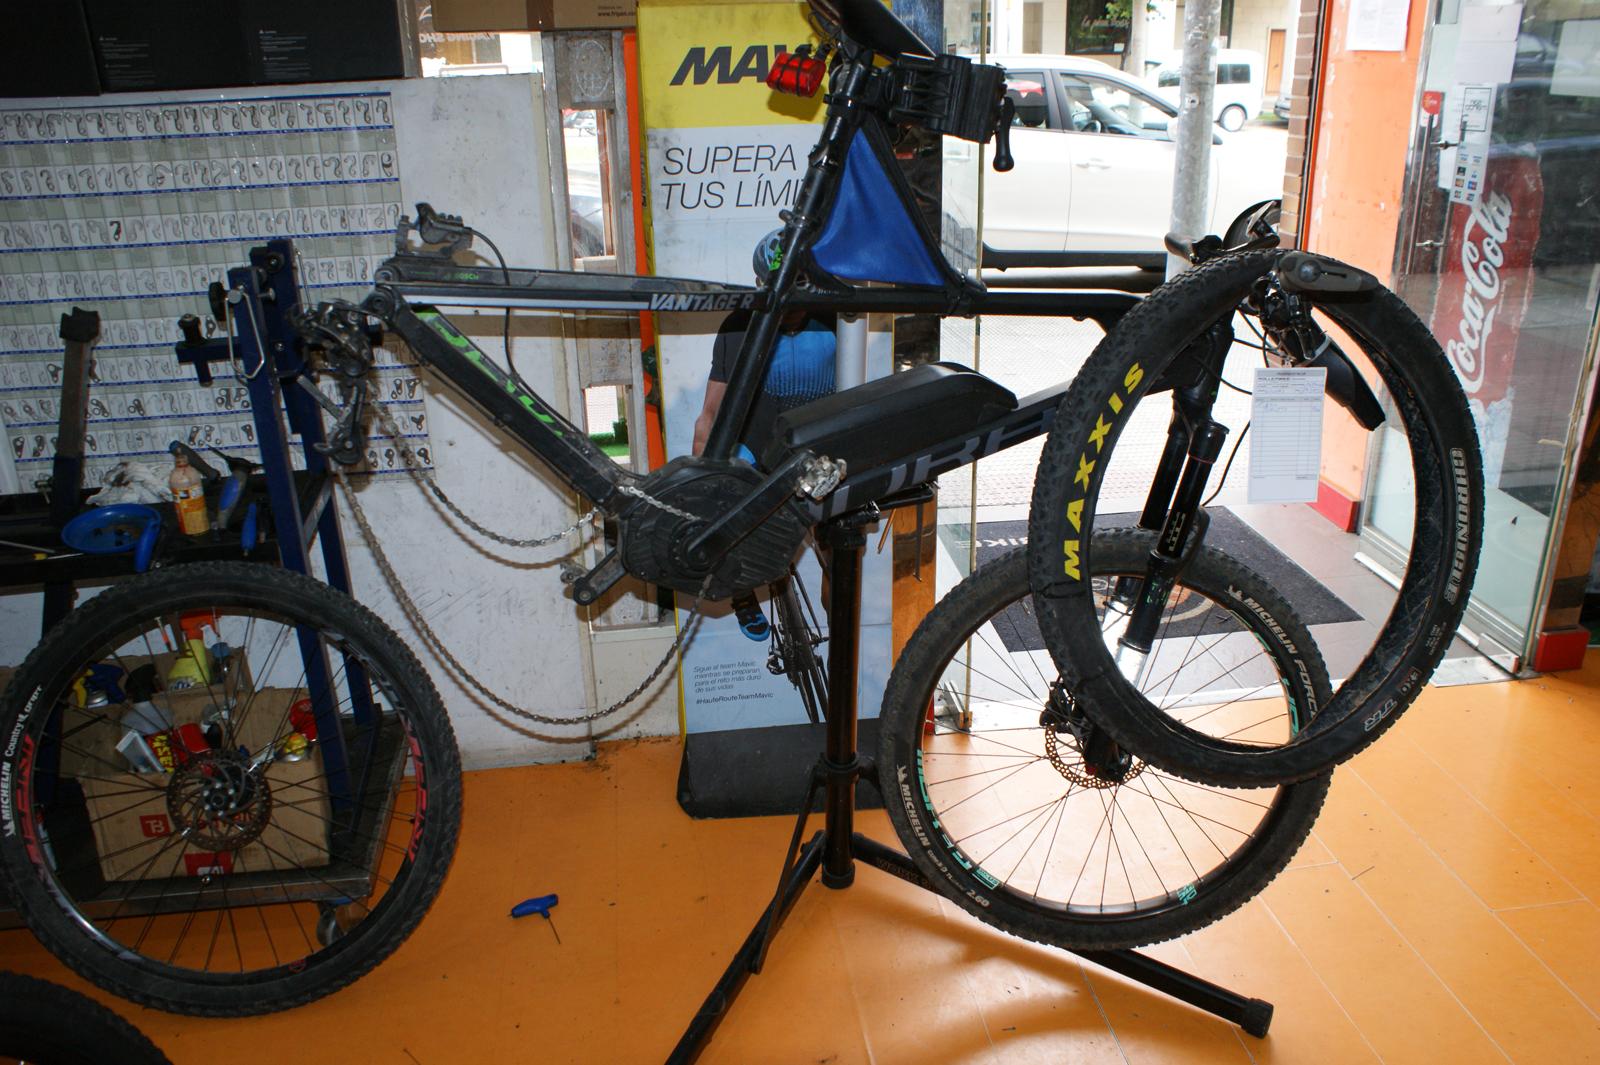 taller-de-reparaciones-de-bicicletas-y-patines-en-logroño